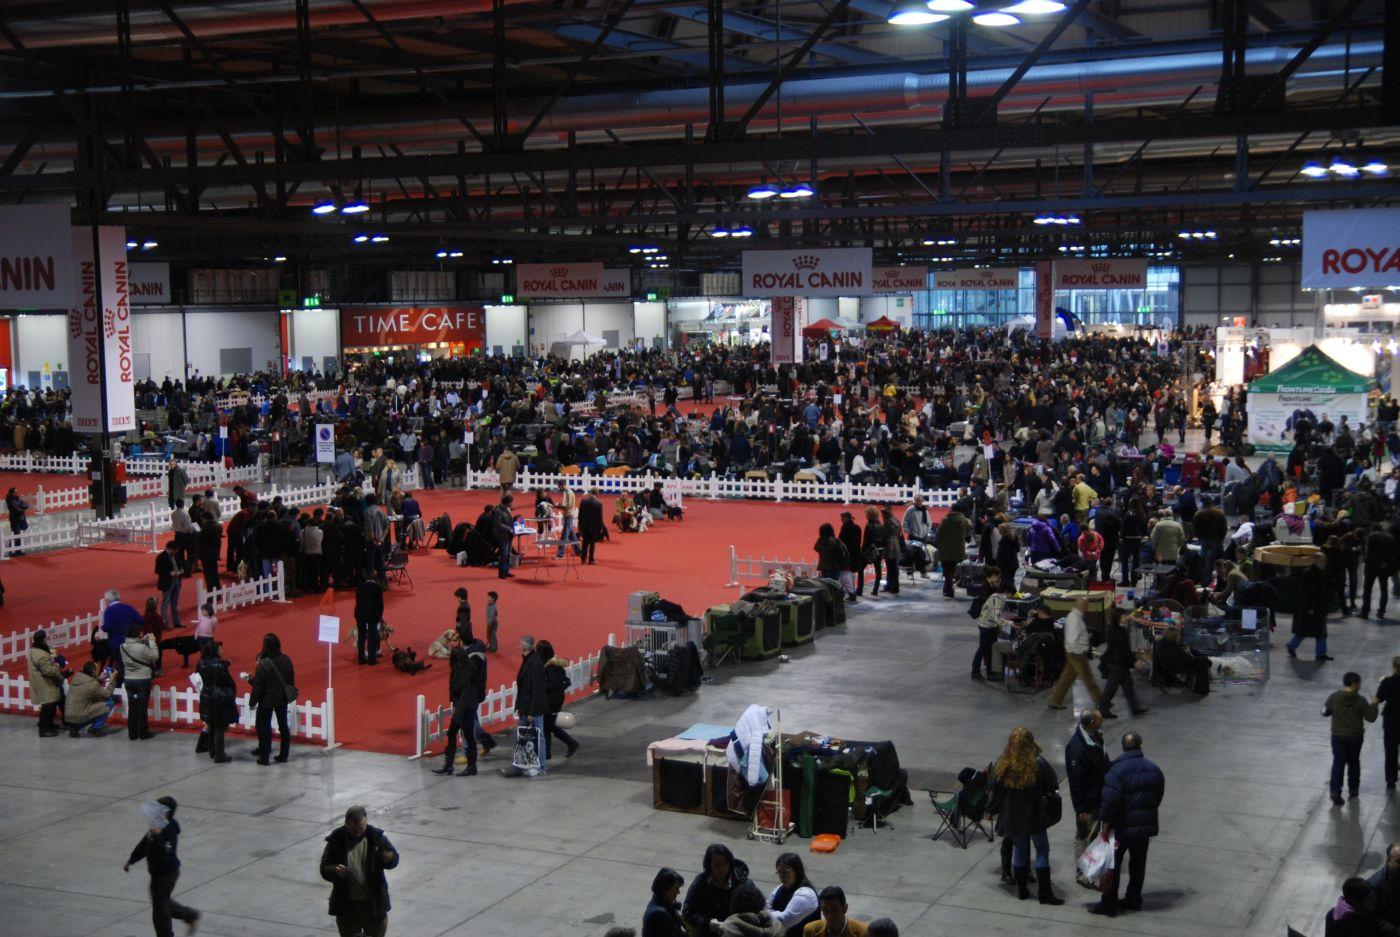 Gare e concorsi la carica dei 10mila cani in fiera for Rho fiera eventi oggi